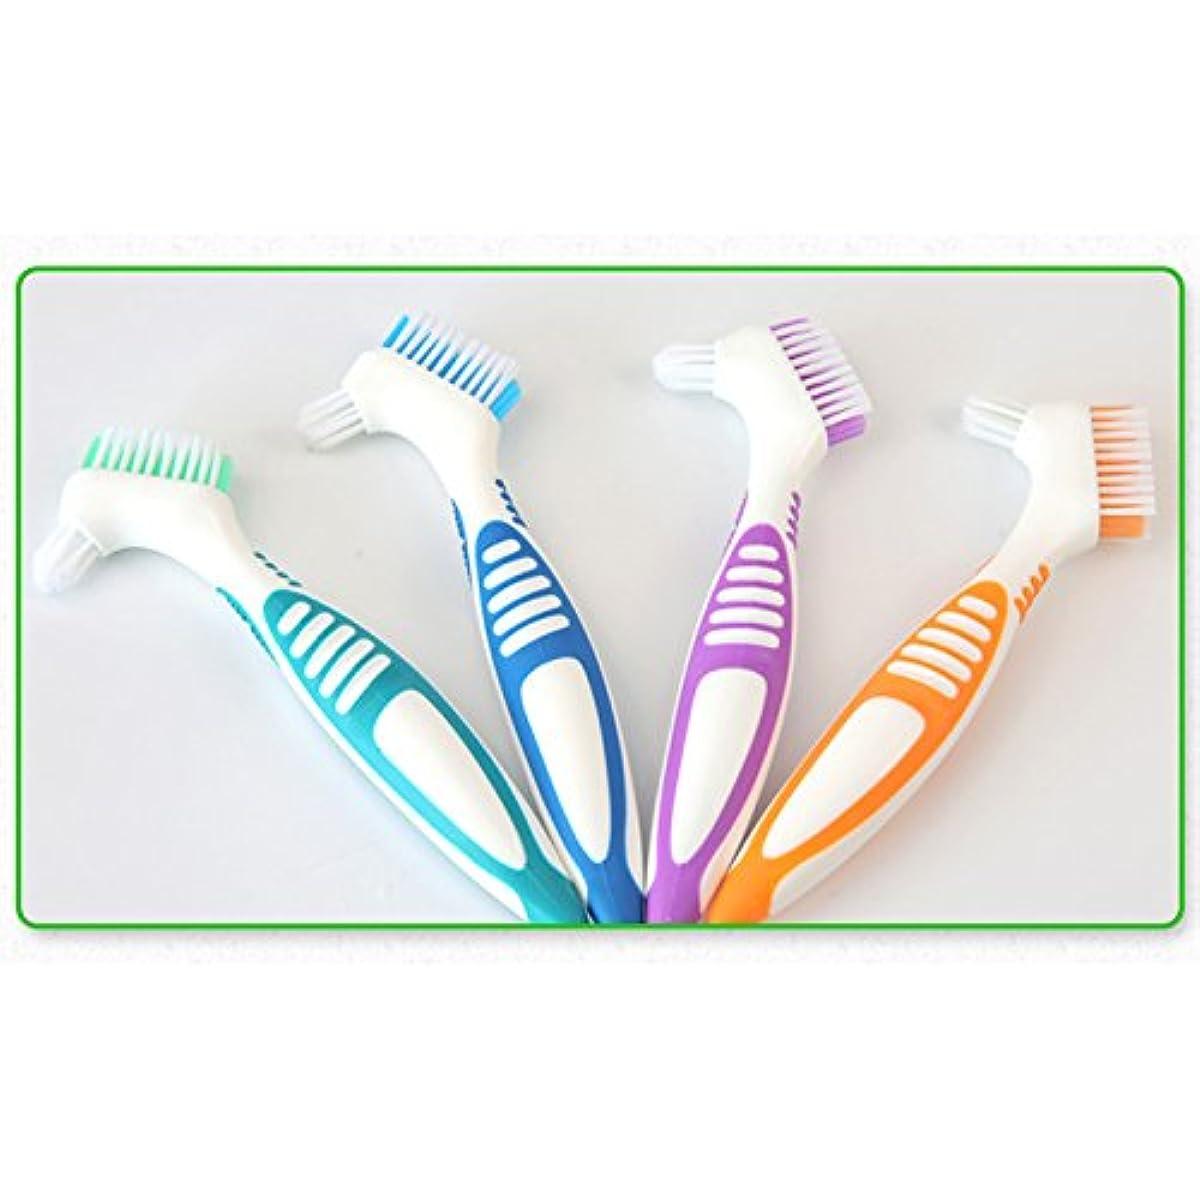 厳鍔ブルームLiebeye 偽歯ブラシ 口腔ケアツール 歯洗浄 ブラシポータブル 多層ブリストル ブルー